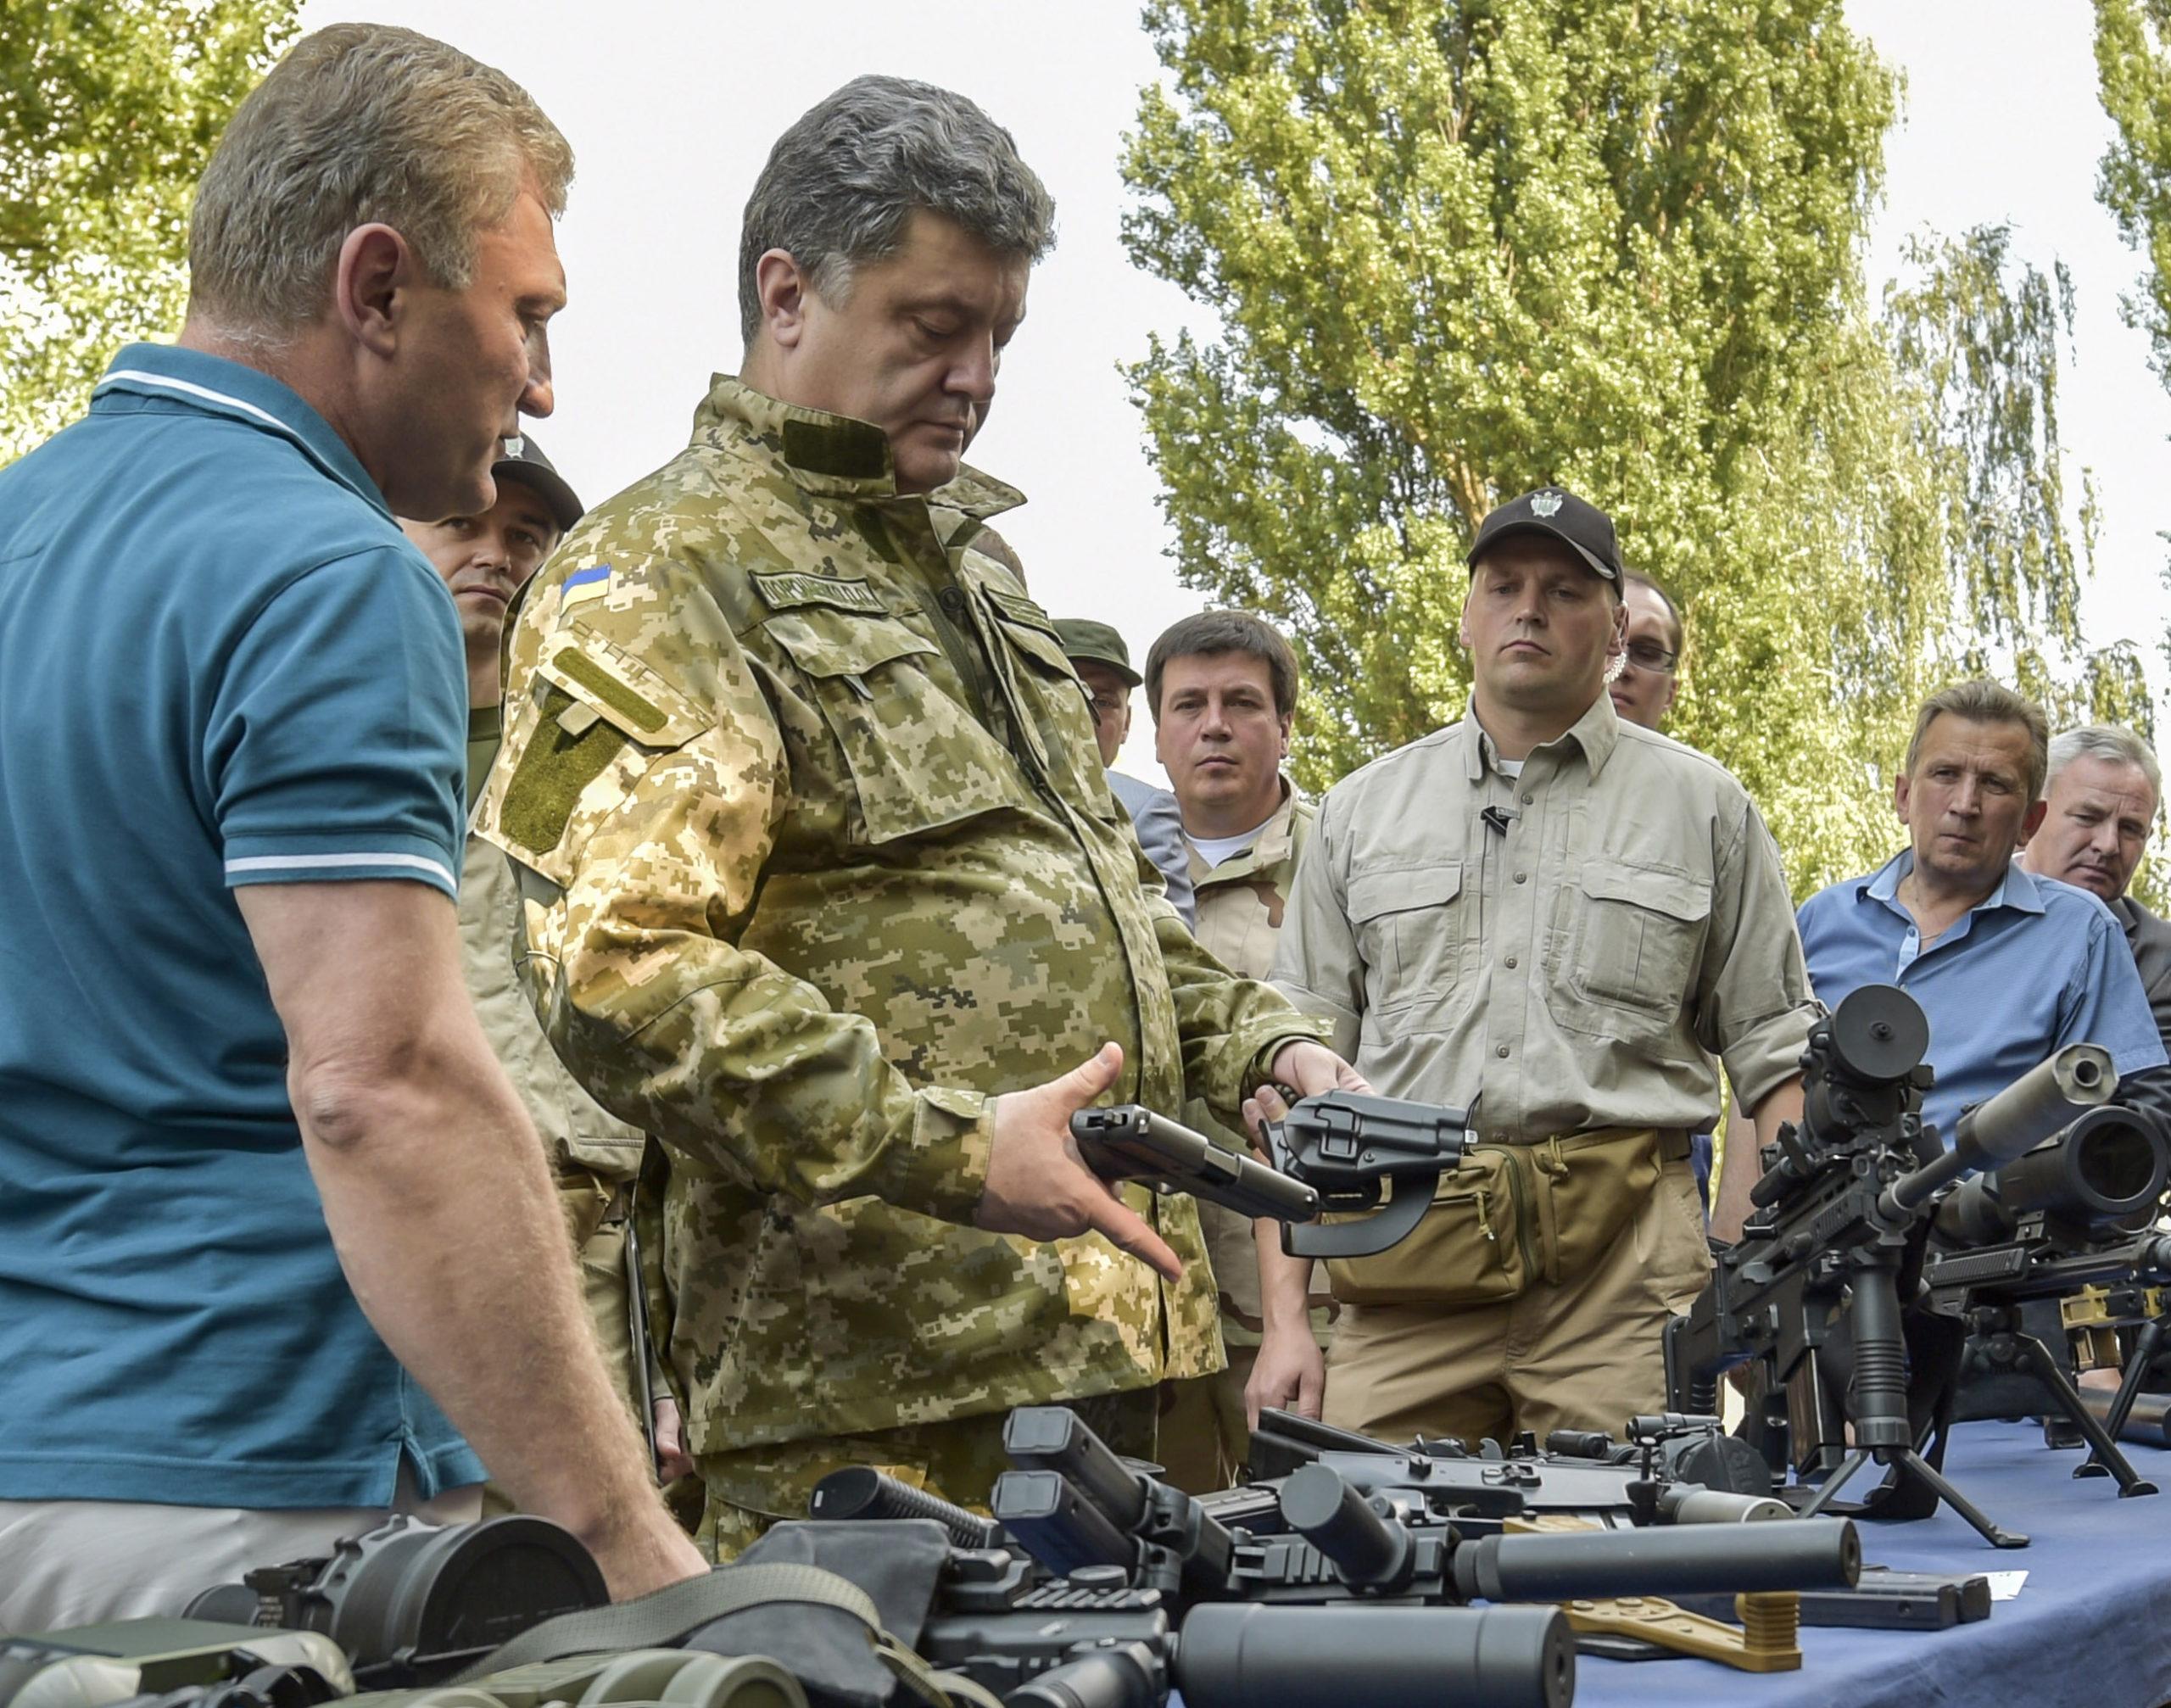 Ukrainan presidentti Petro Porošenko vieraili maan kansalliskaartin koulutuskeskuksessa Kiovan lähellä heinäkuun lopulla.